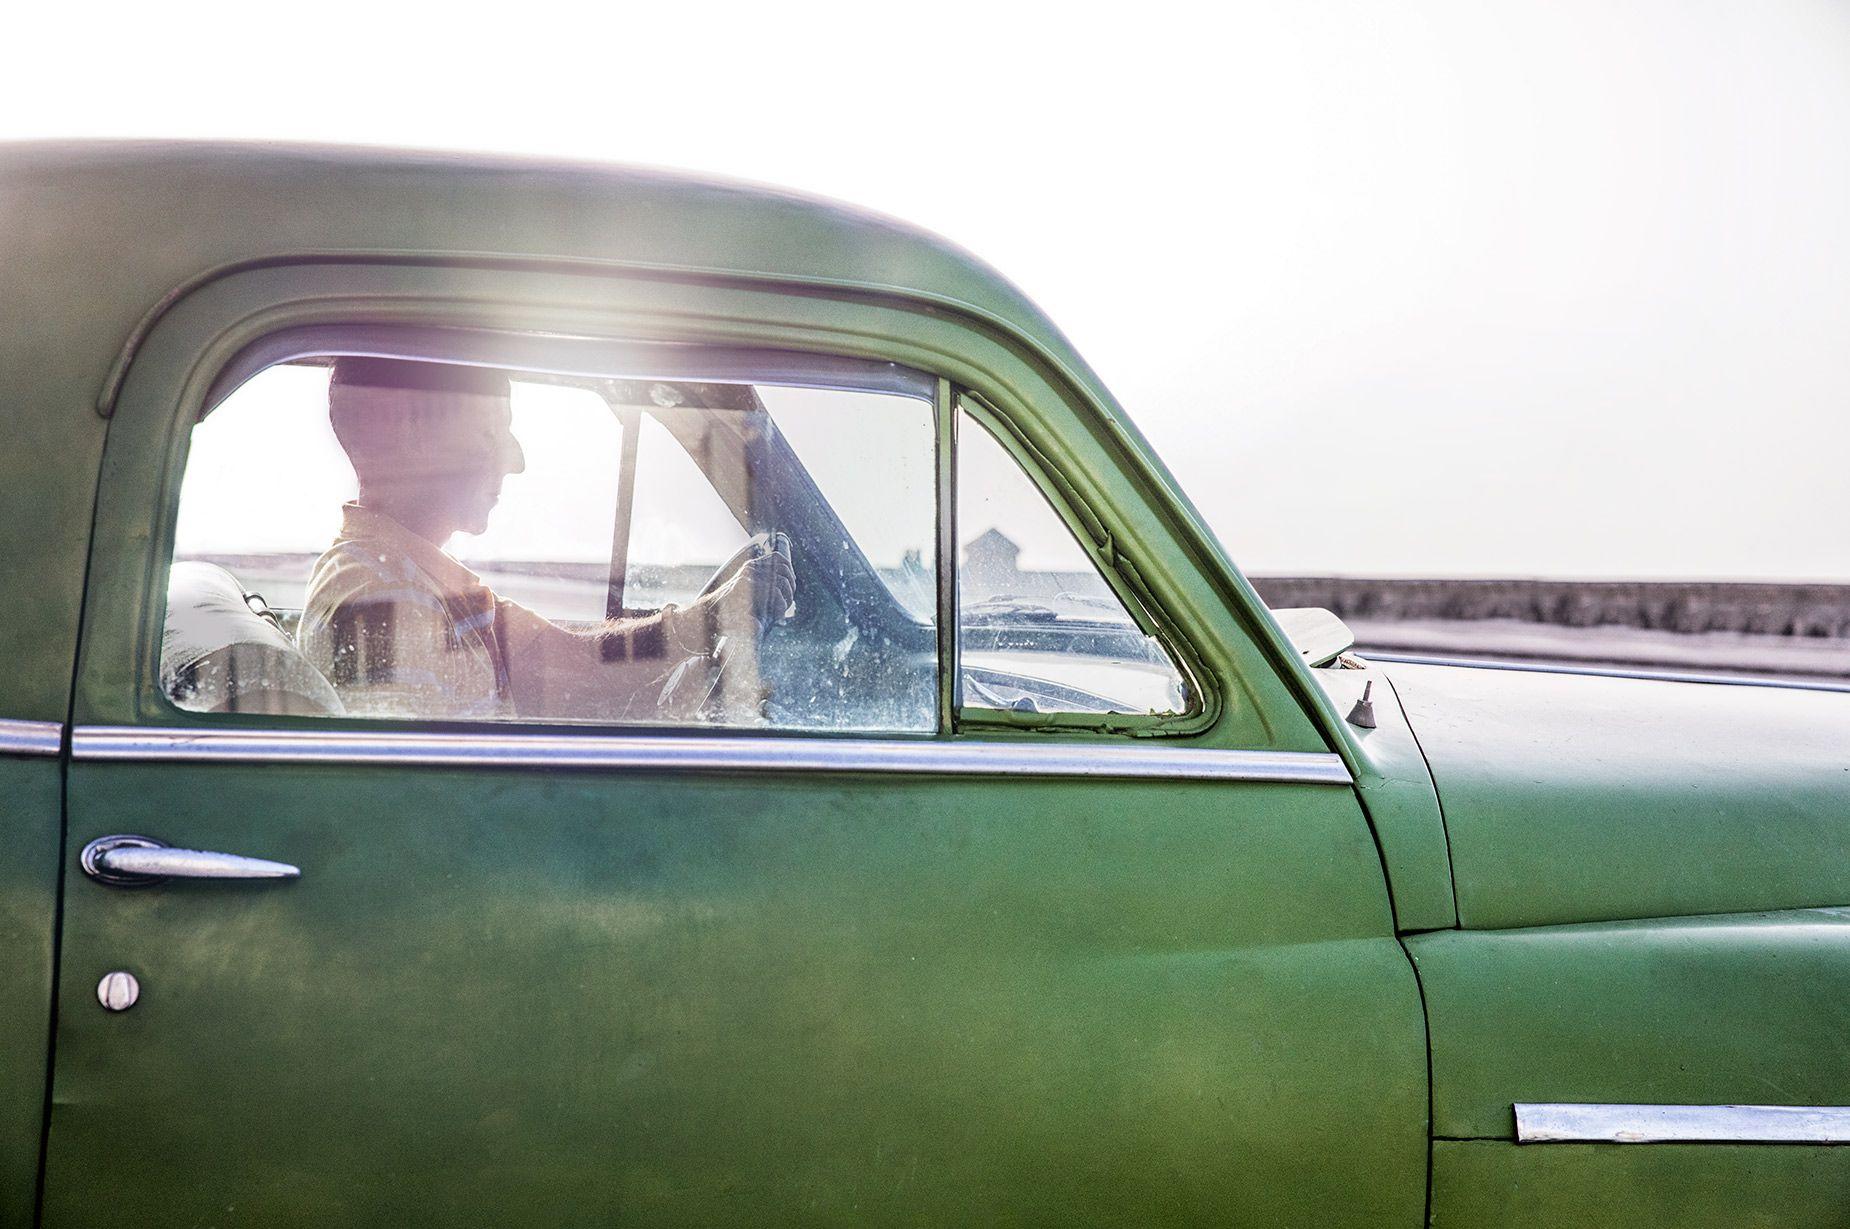 Cuba_420-Edit.jpg